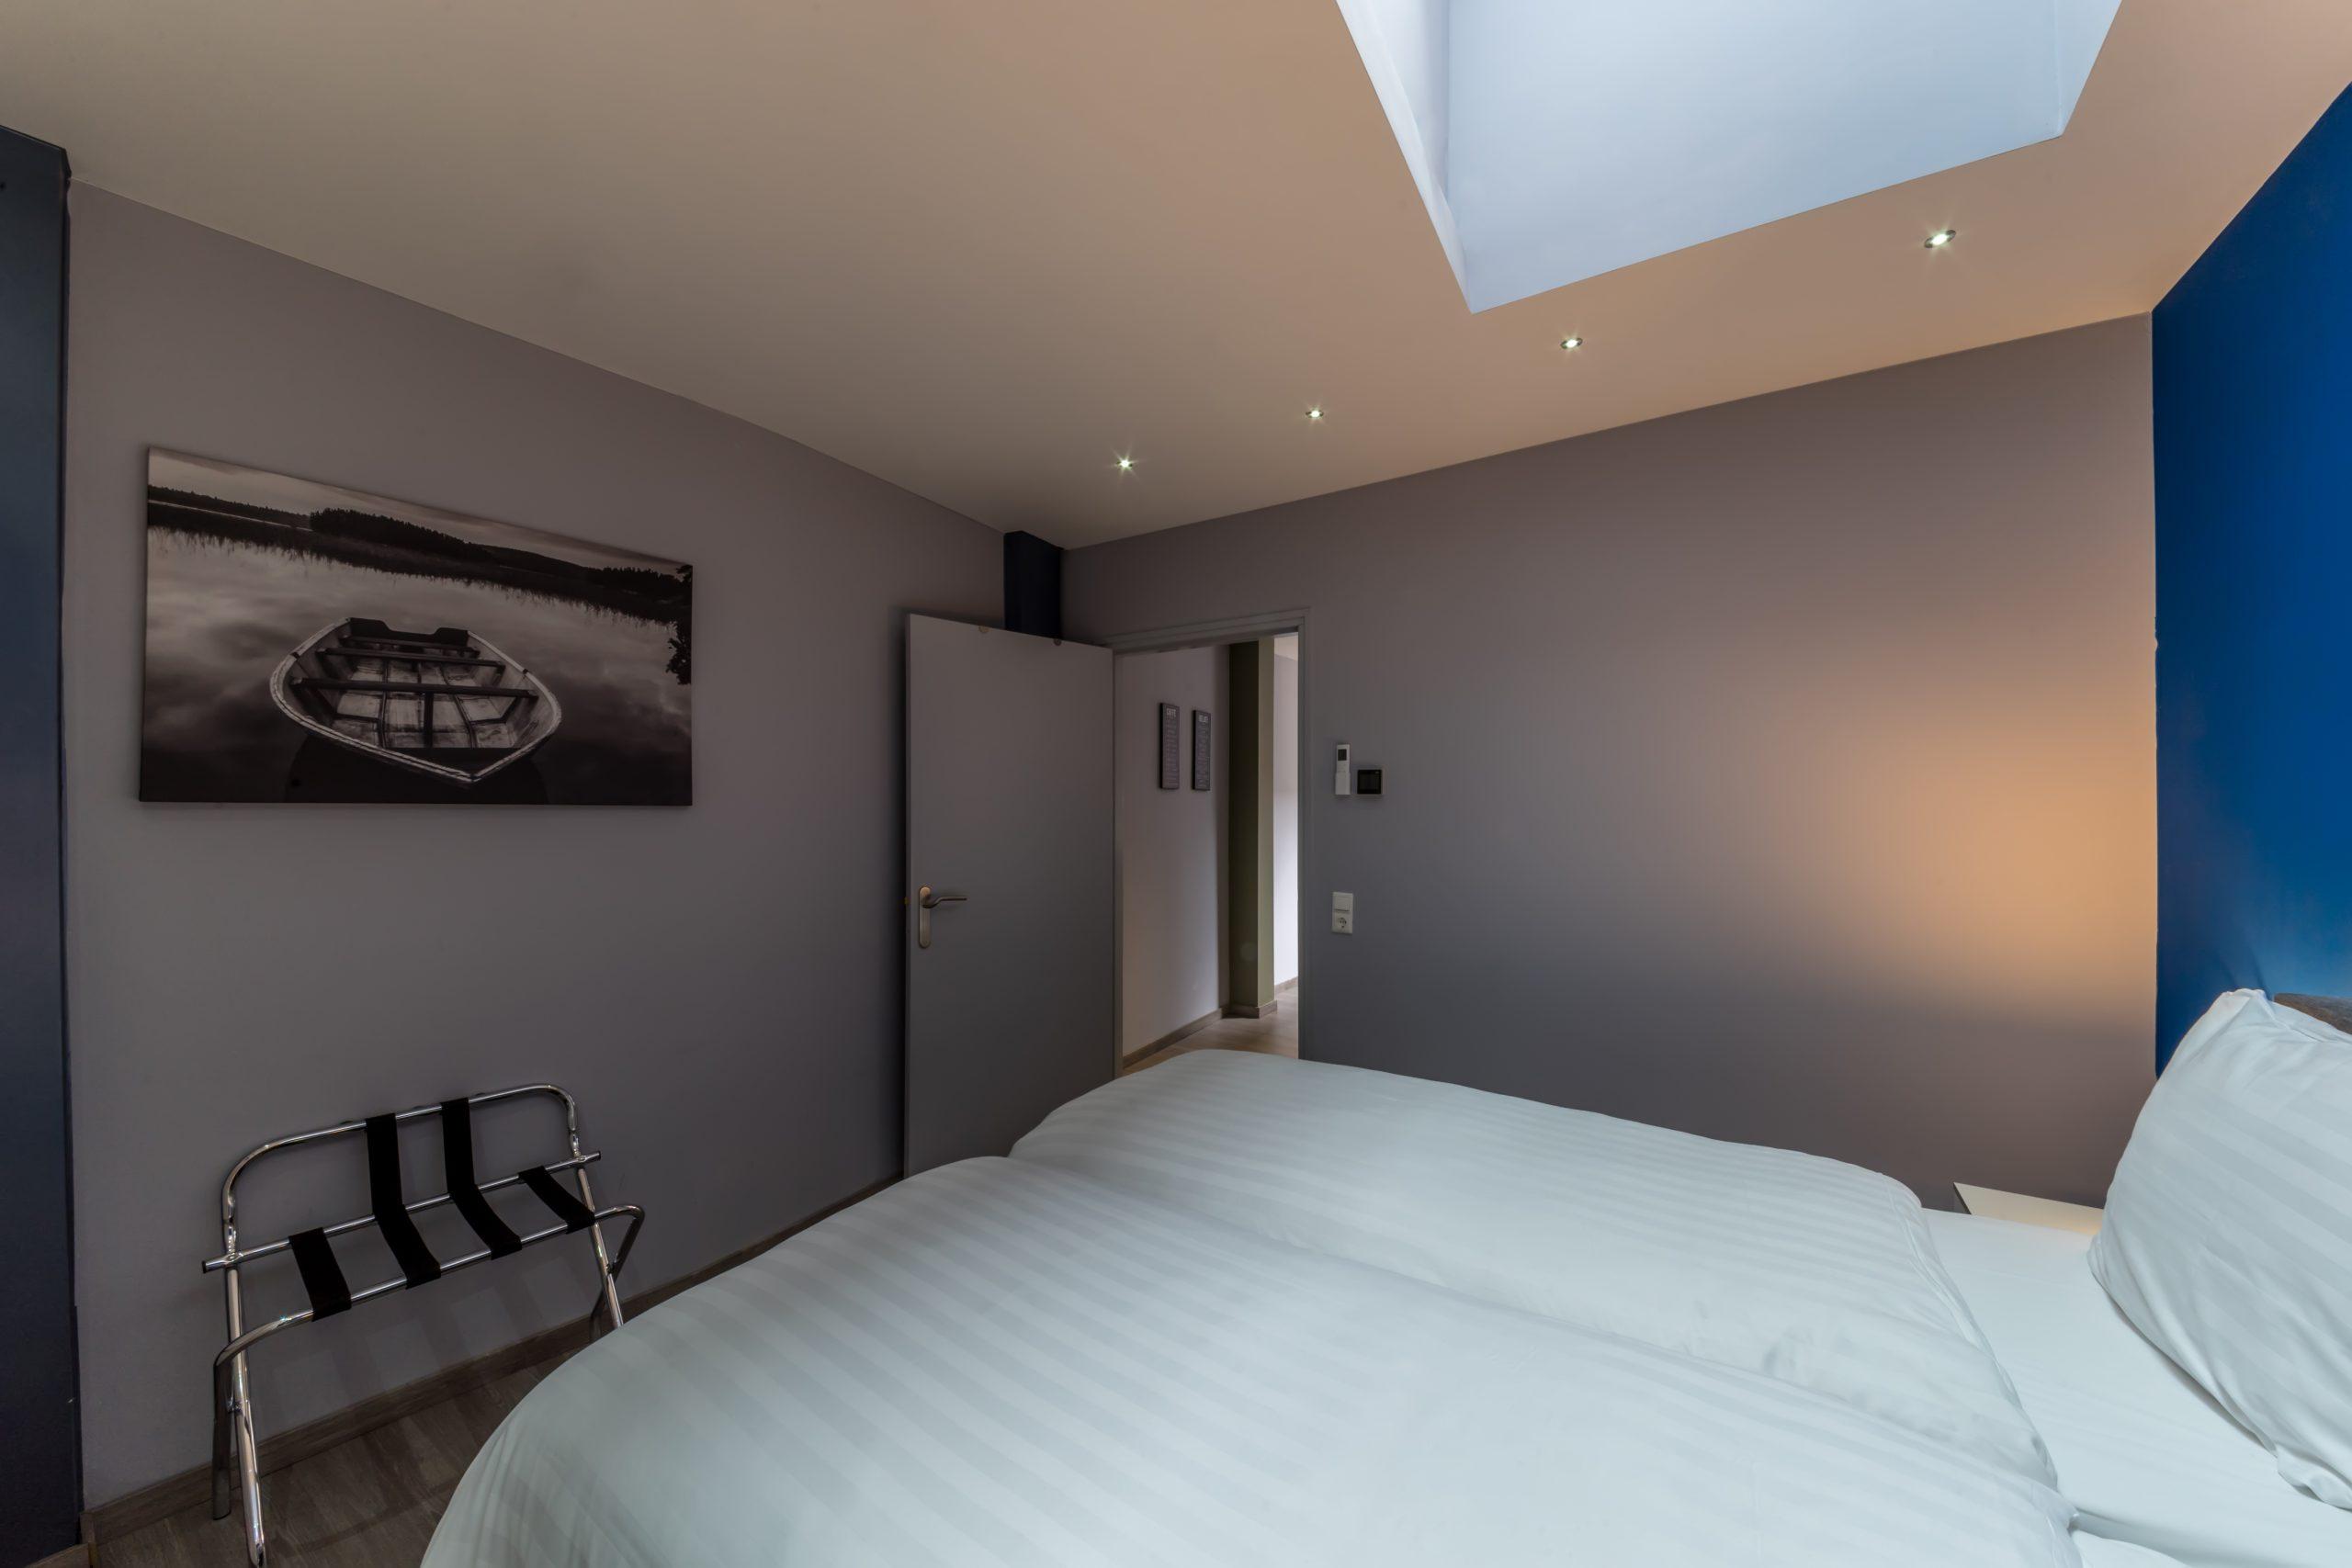 Slaapkamer-sleepingroom-schlafzimmer-Jacob-van-Ruisdael-Relaxed-Slapen-3